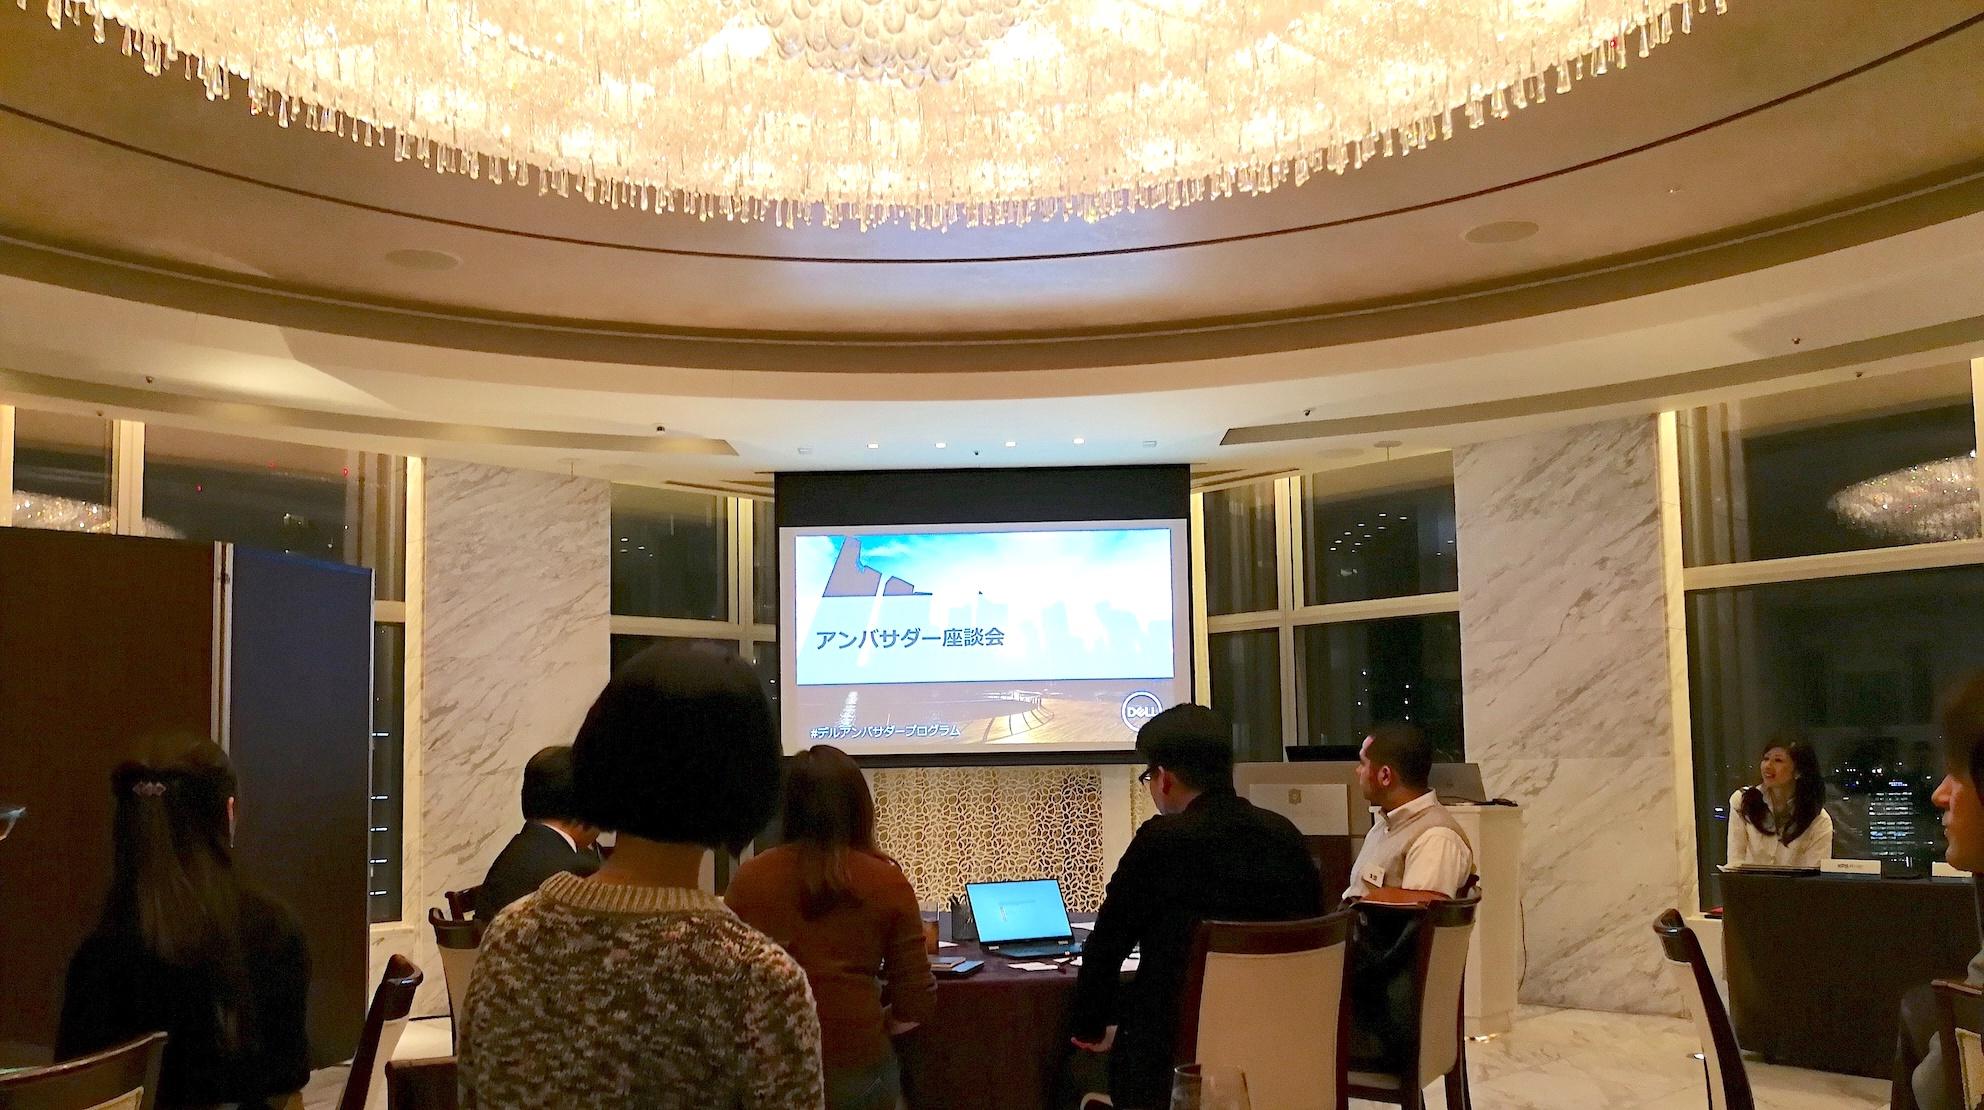 デル製品は音へのこだわりも凄い。デルアンバサダー「XPS体験モニター」座談会に参加してきました